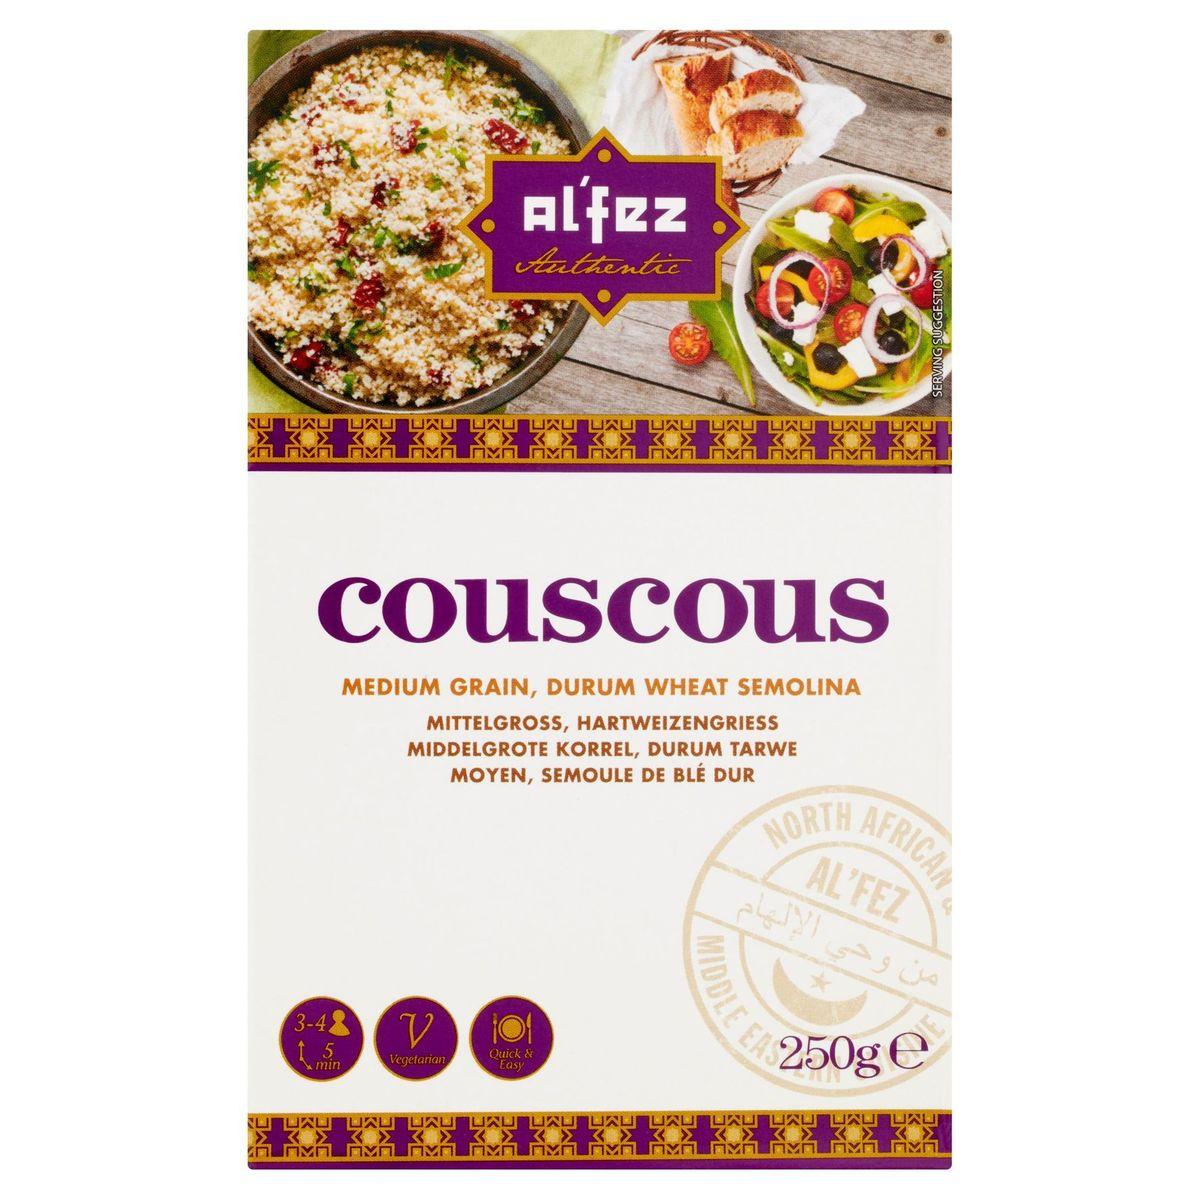 Al'Fez Couscous Middelgrote Korrel, Durum Tarwe 250 g